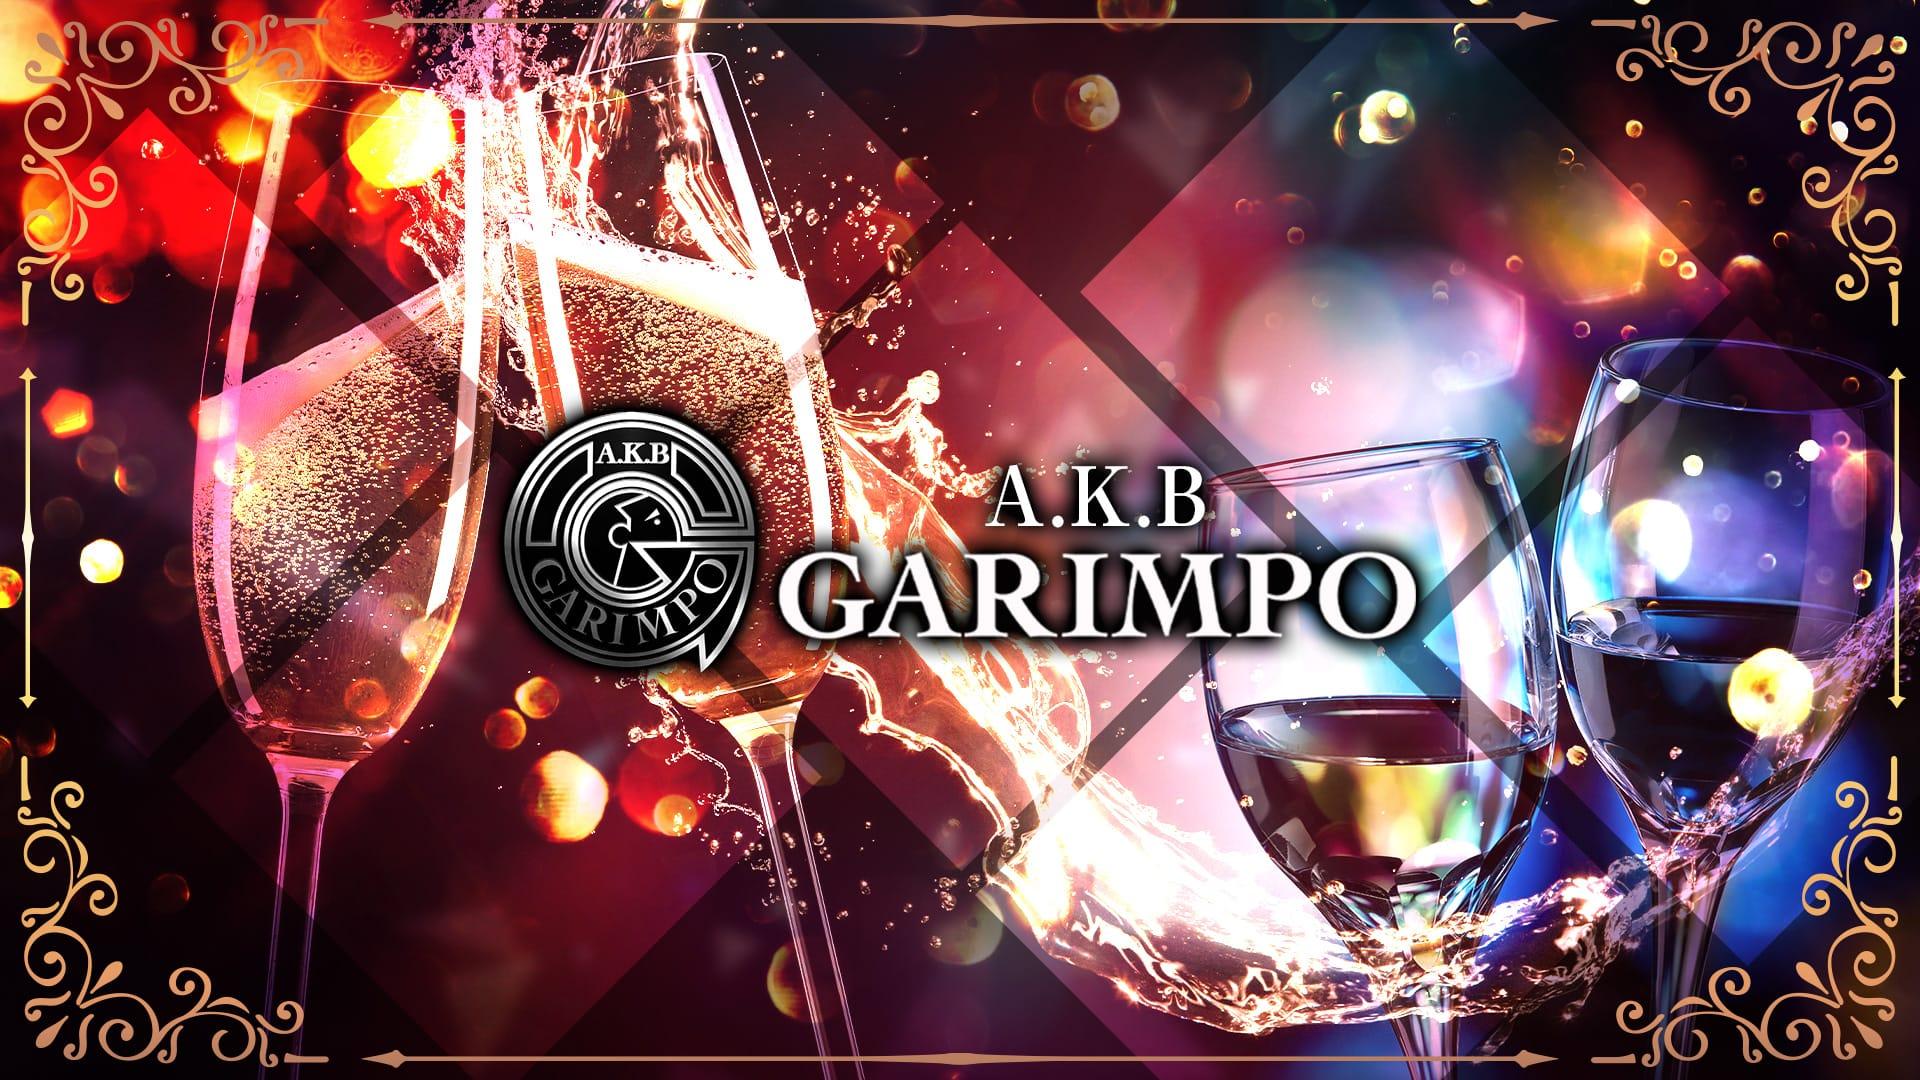 【秋葉原】A.K.B GARIMPO(エーケービーガリンポ) 秋葉原キャバクラ TOP画像